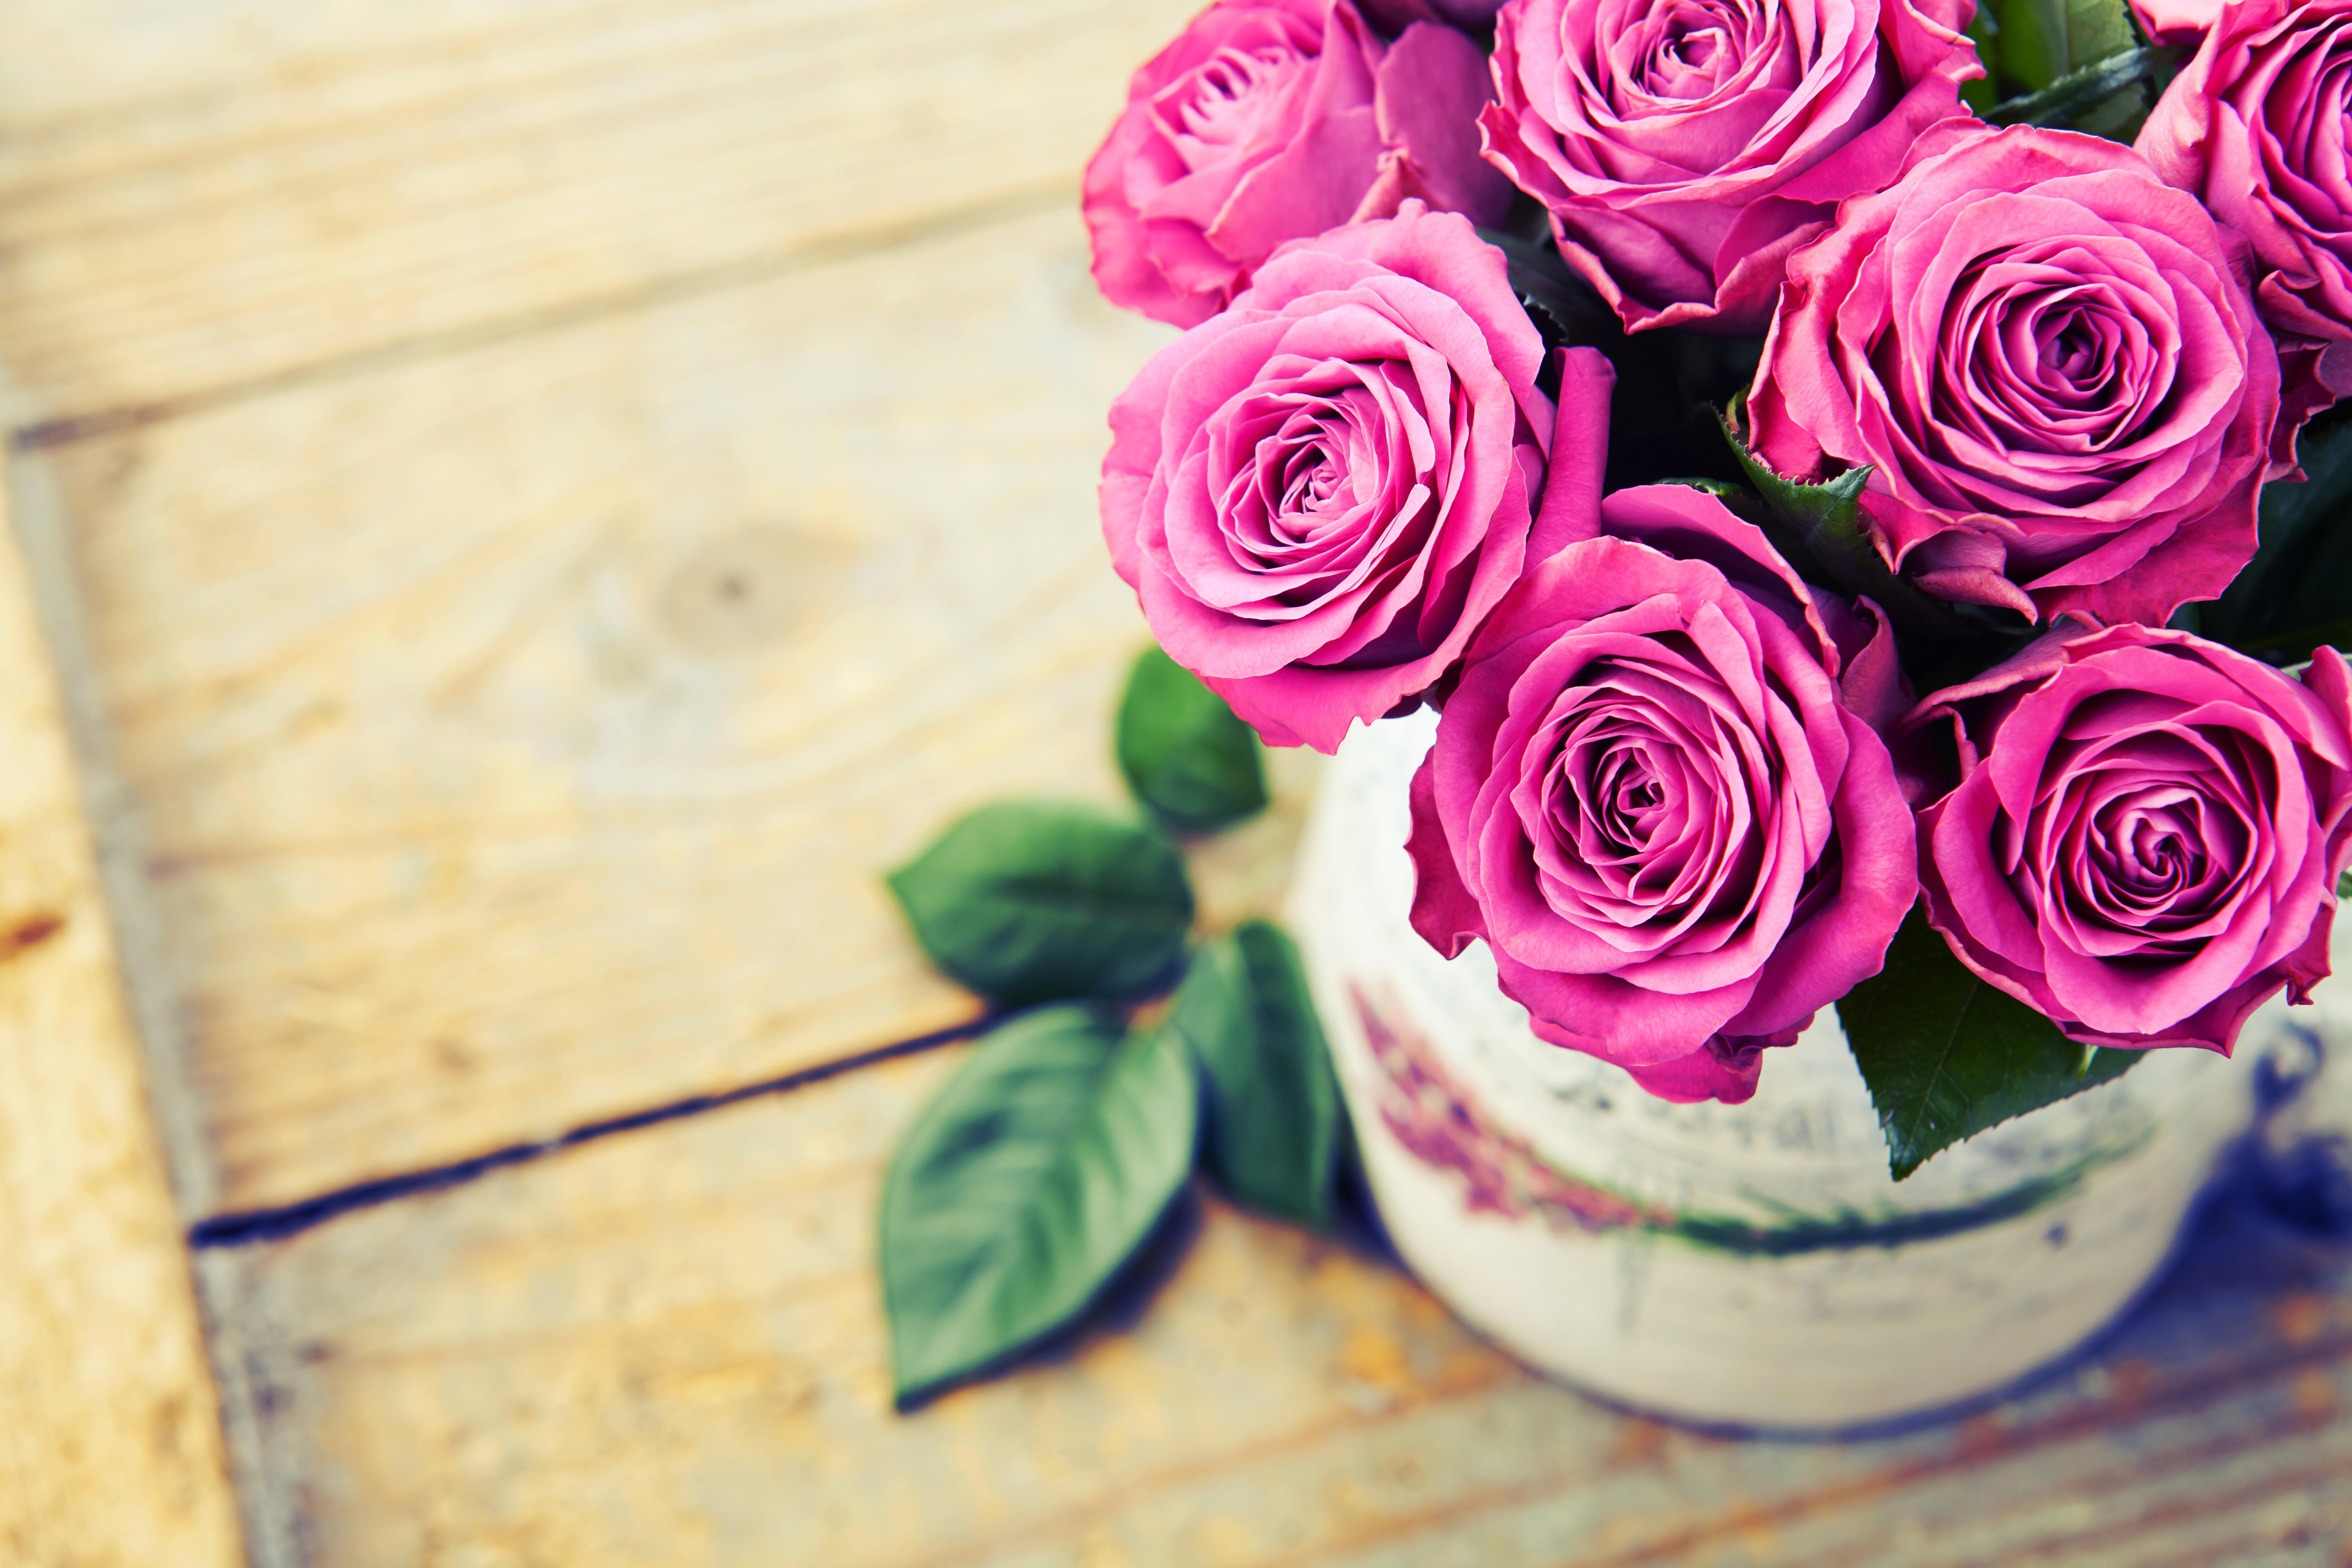 розы цветы ваза  № 1332624 без смс